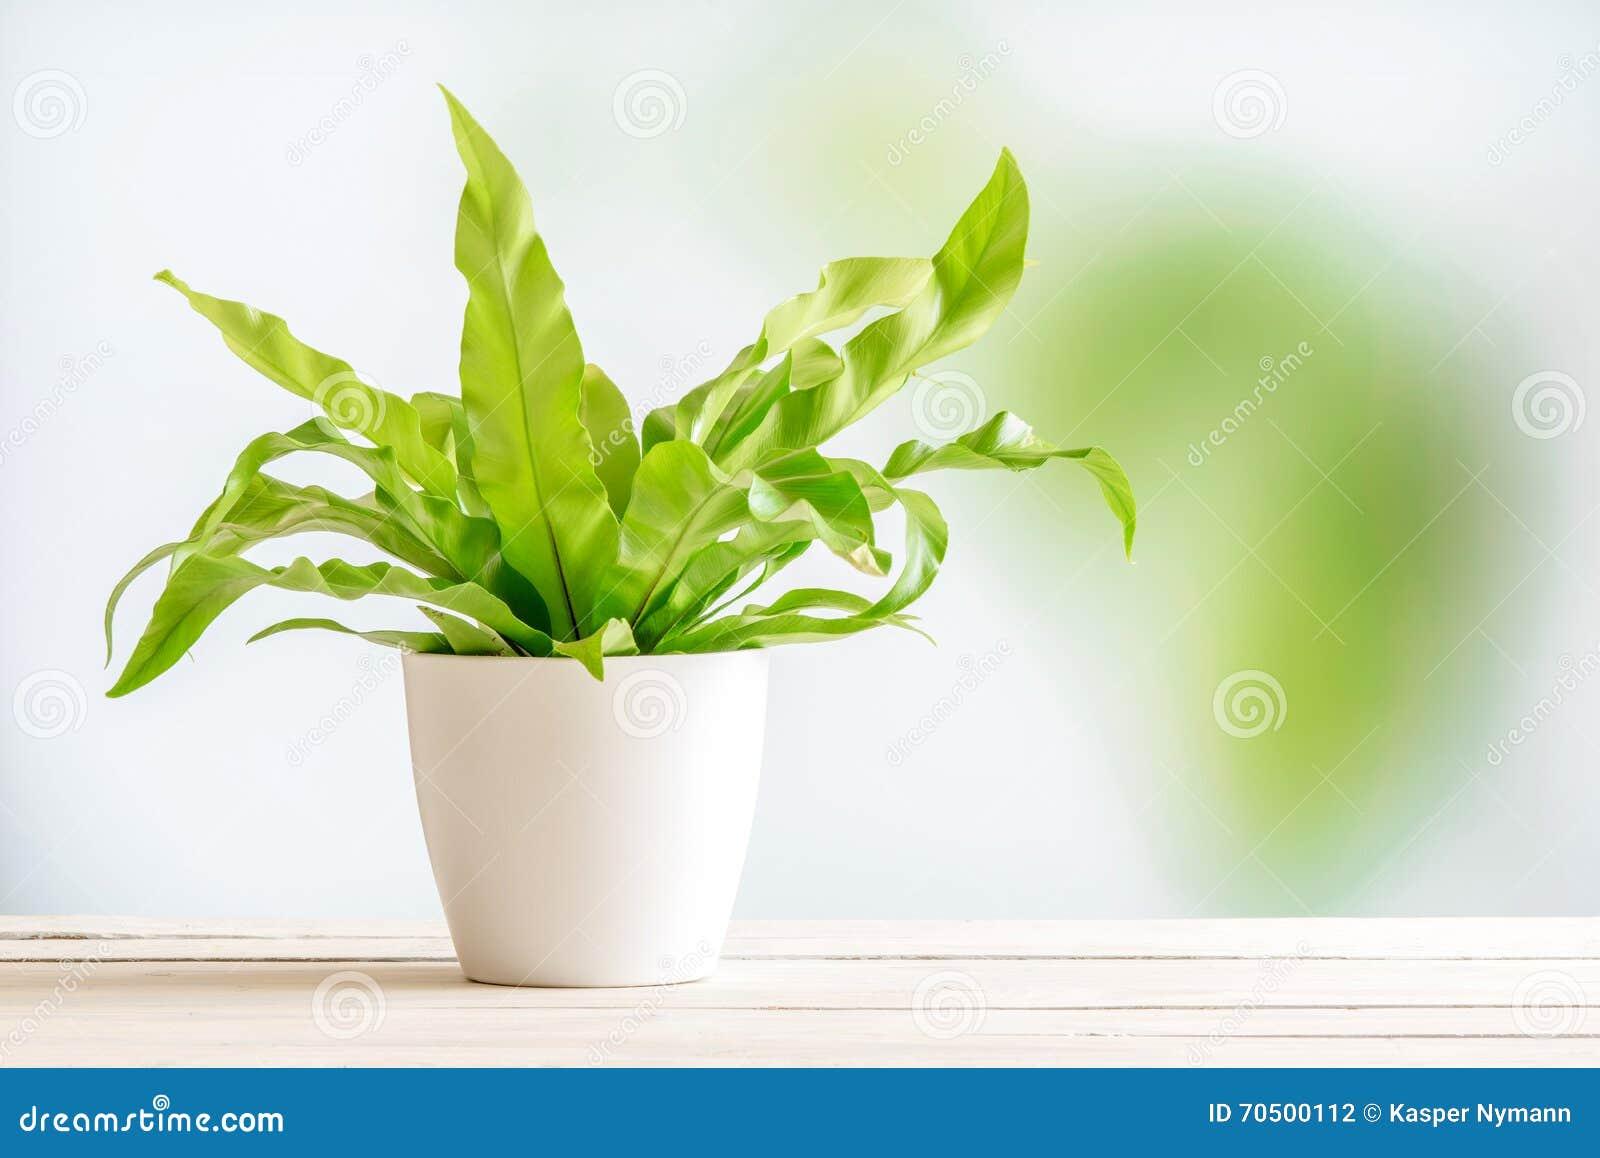 Planta verde en una maceta blanca foto de archivo imagen for Varias plantas en una maceta